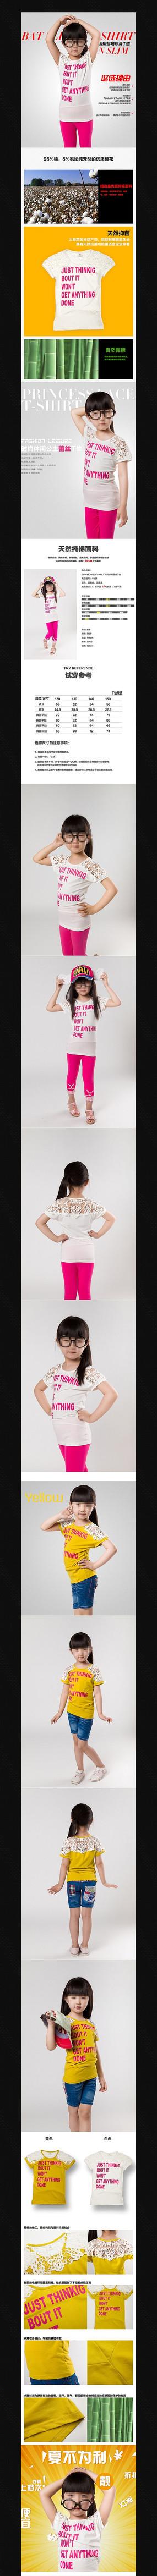 淘宝童装短袖T桖详情页素材模板